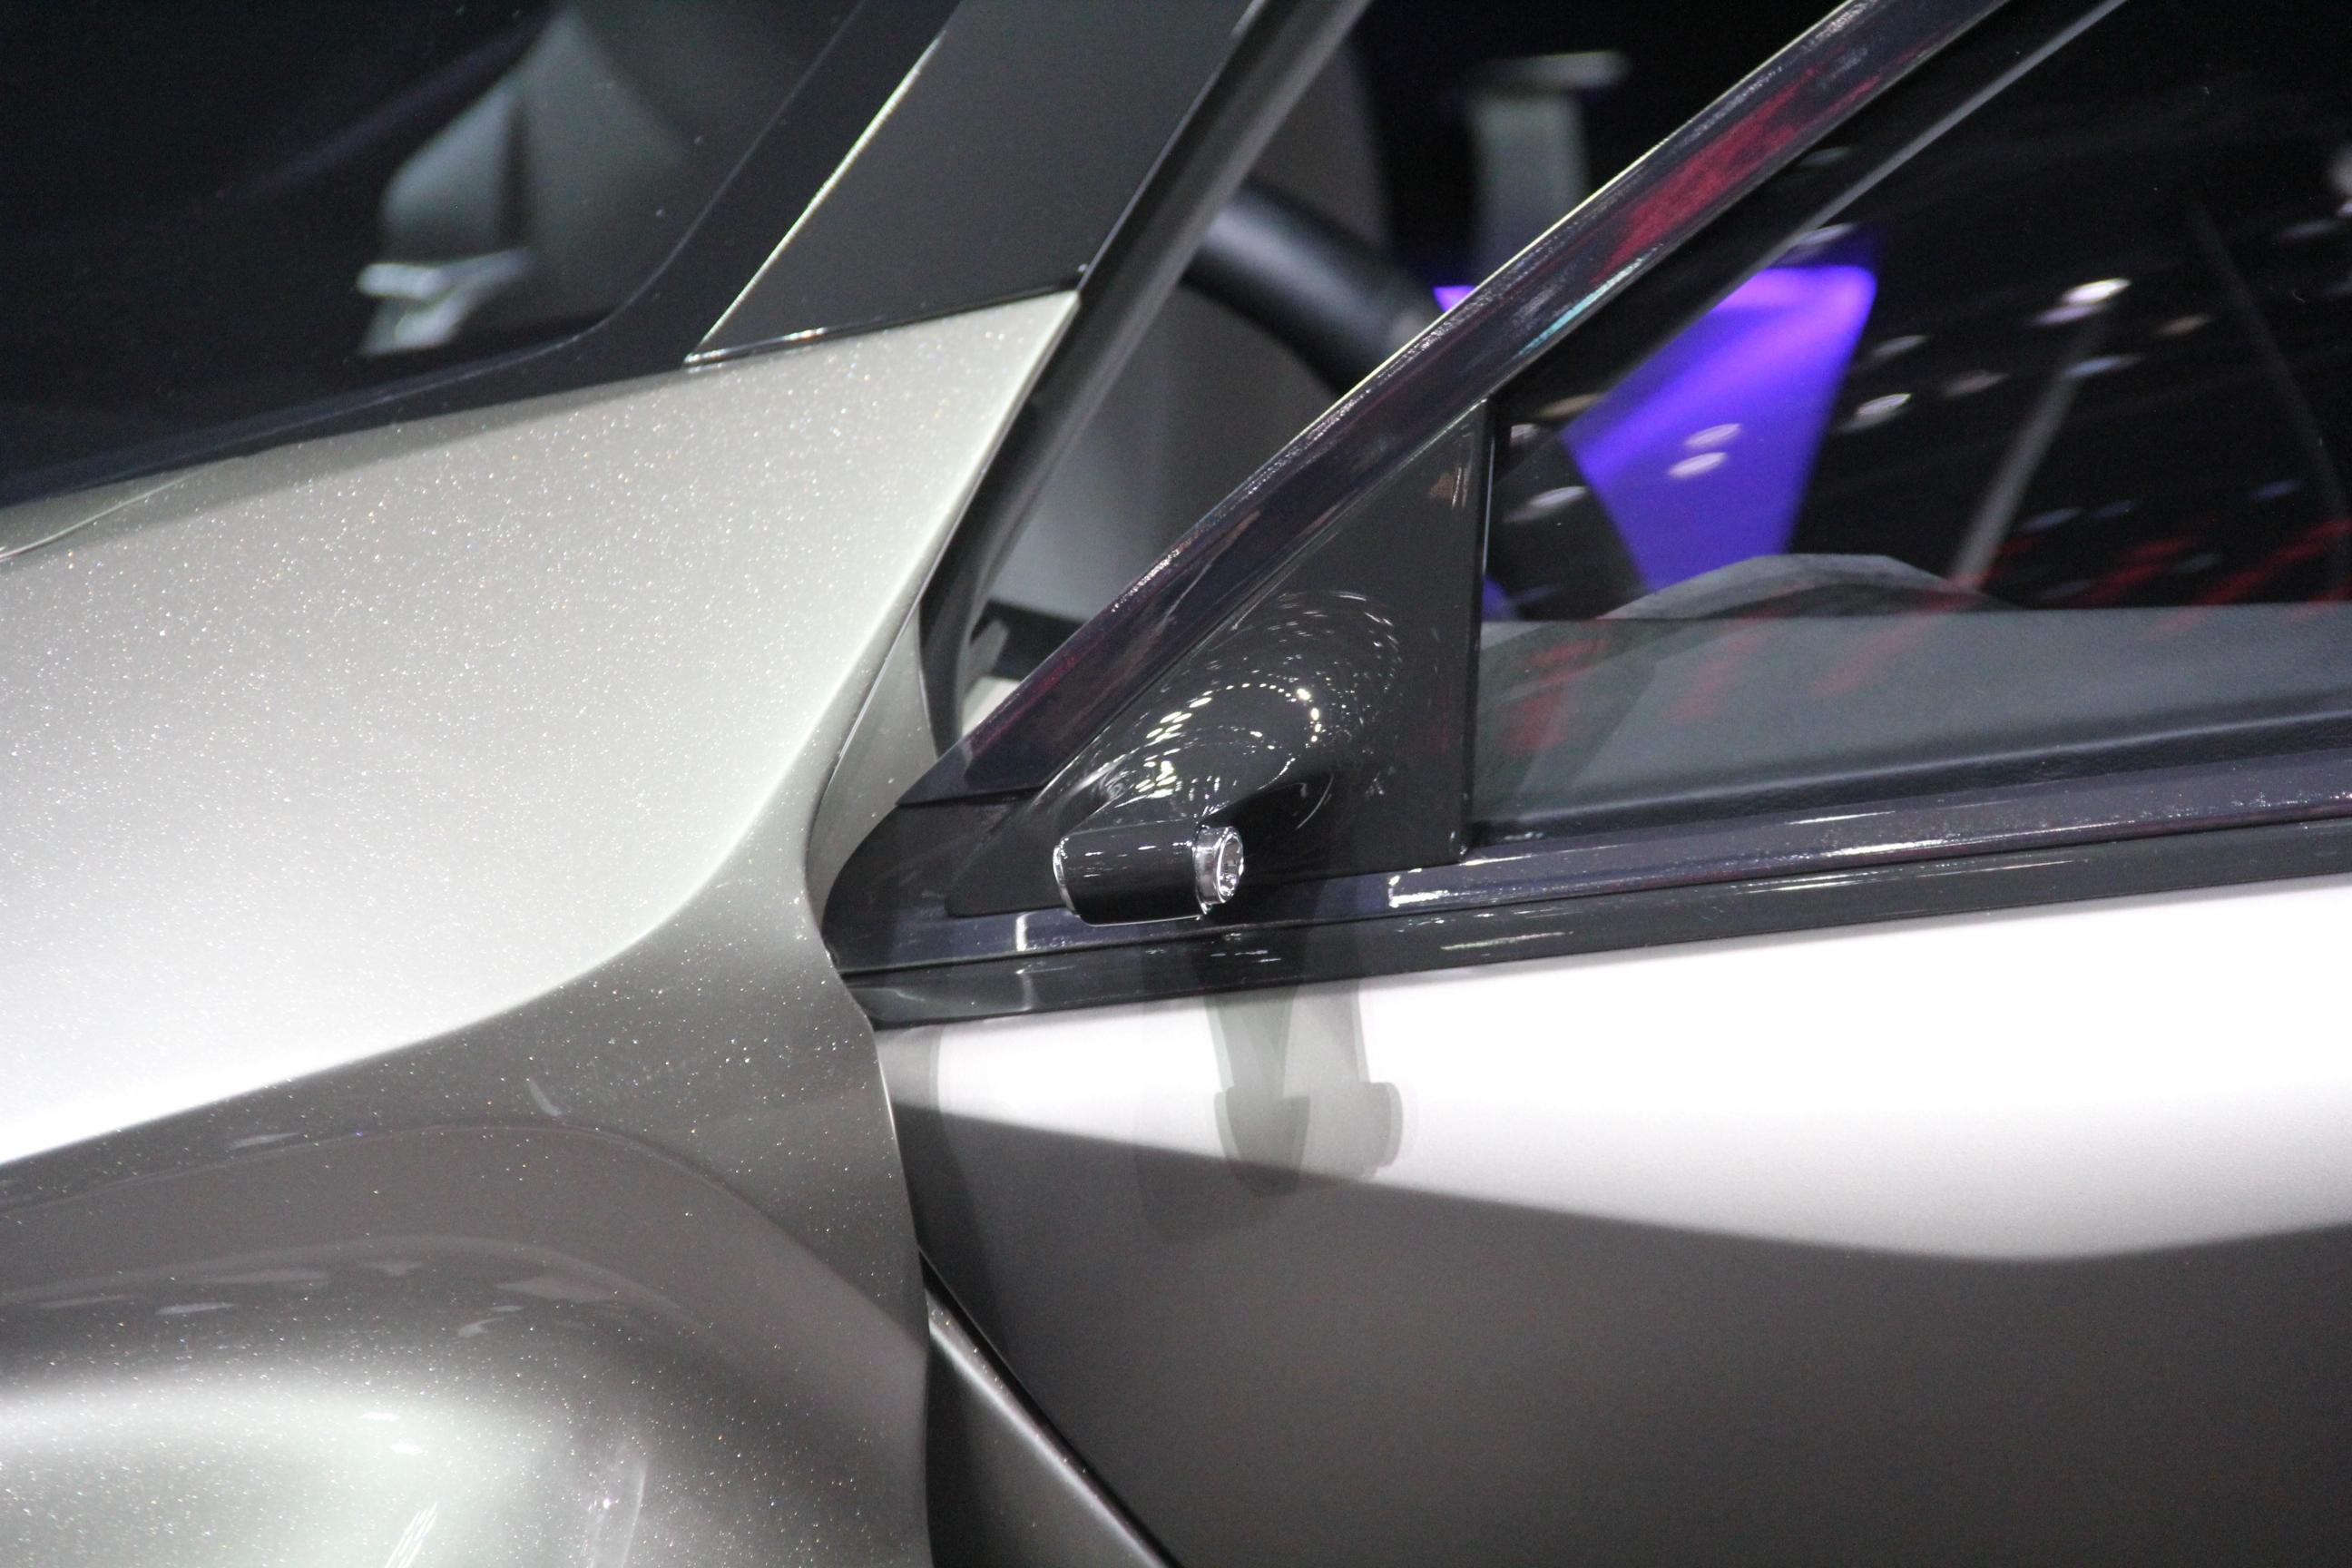 S0-Lexus-LF-SA-Concept-nouveaux-horizons-En-direct-du-salon-de-Geneve-2015-347827.jpg